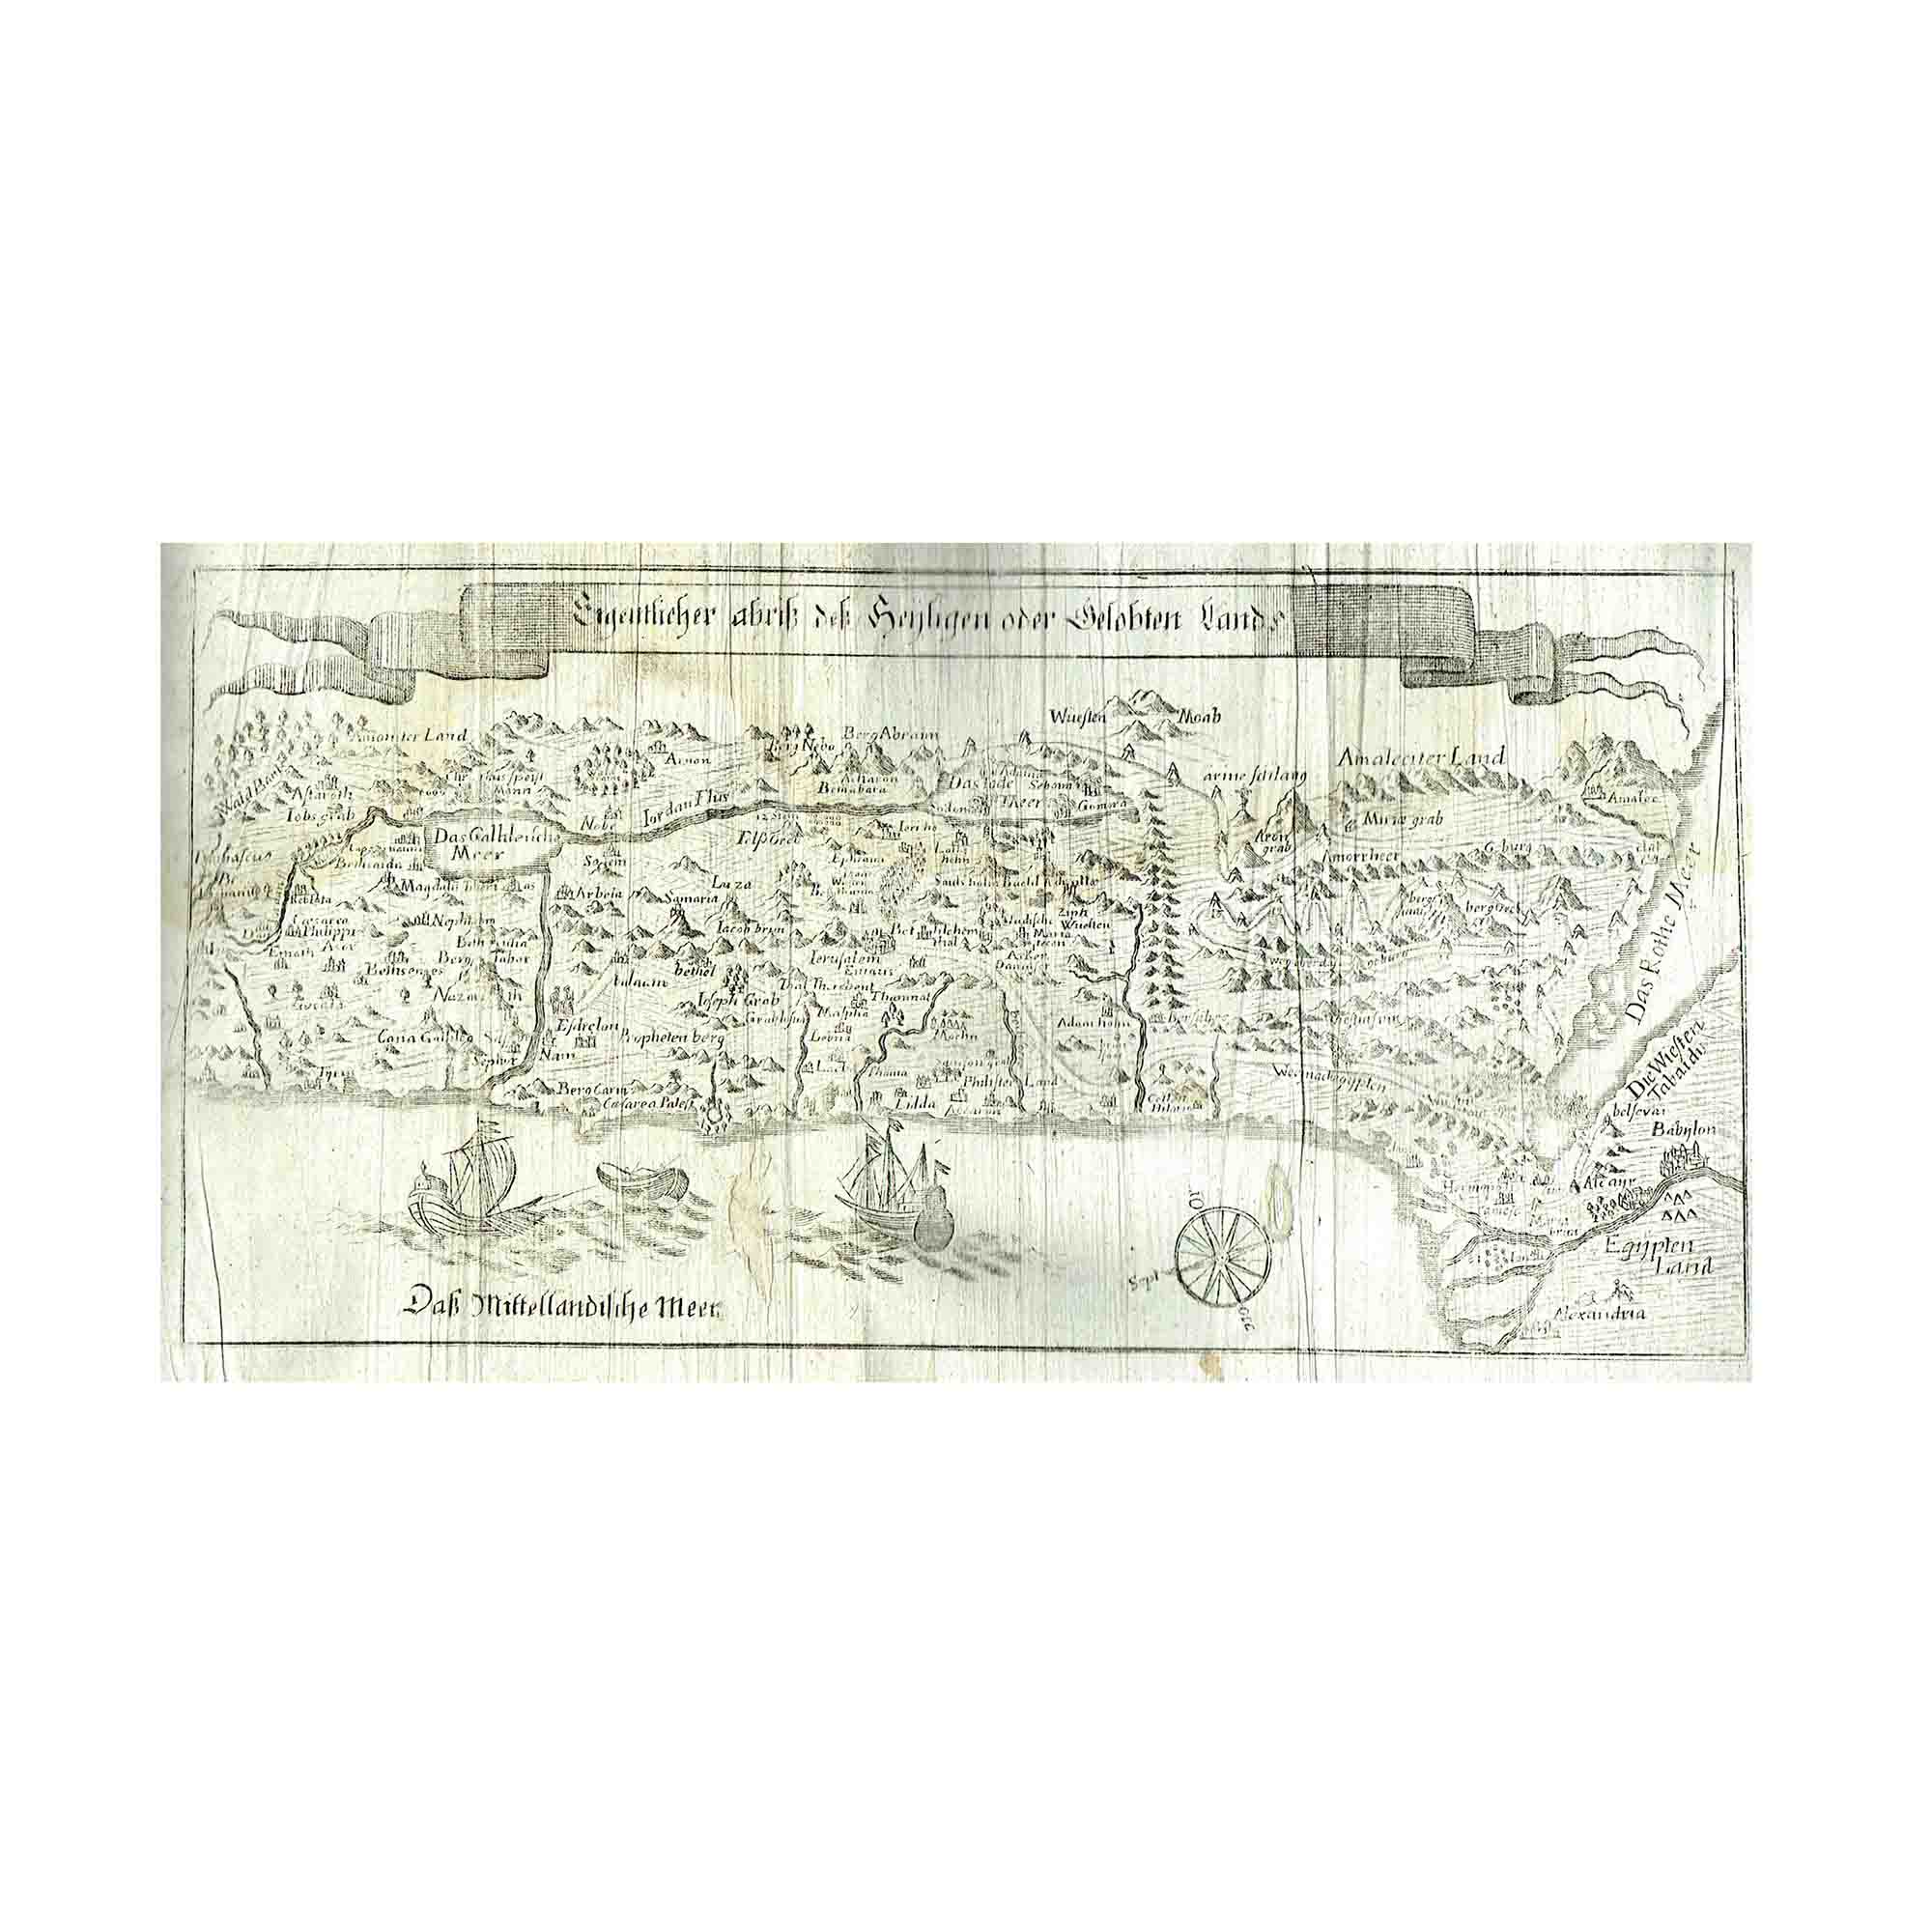 5277-Cochem-Christi-1762-1763-1-N.jpg